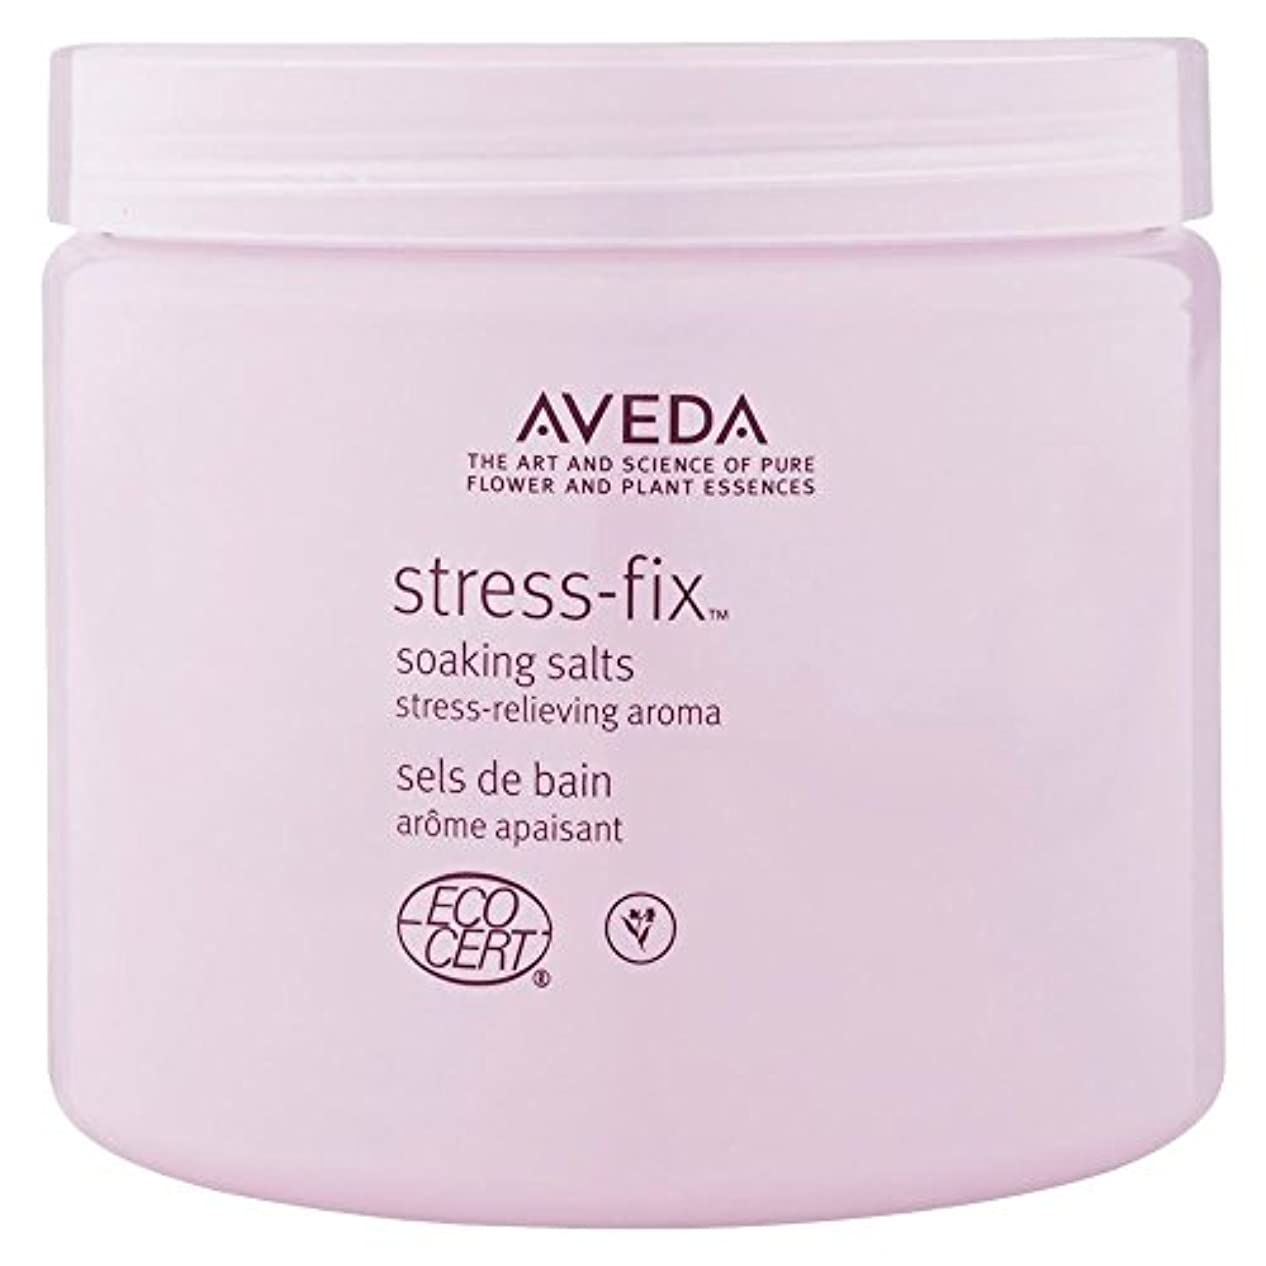 スプーンあたたかいガチョウ[AVEDA] アヴェダストレスフィックス均熱塩454グラム - Aveda Stress-Fix Soaking Salts 454g [並行輸入品]